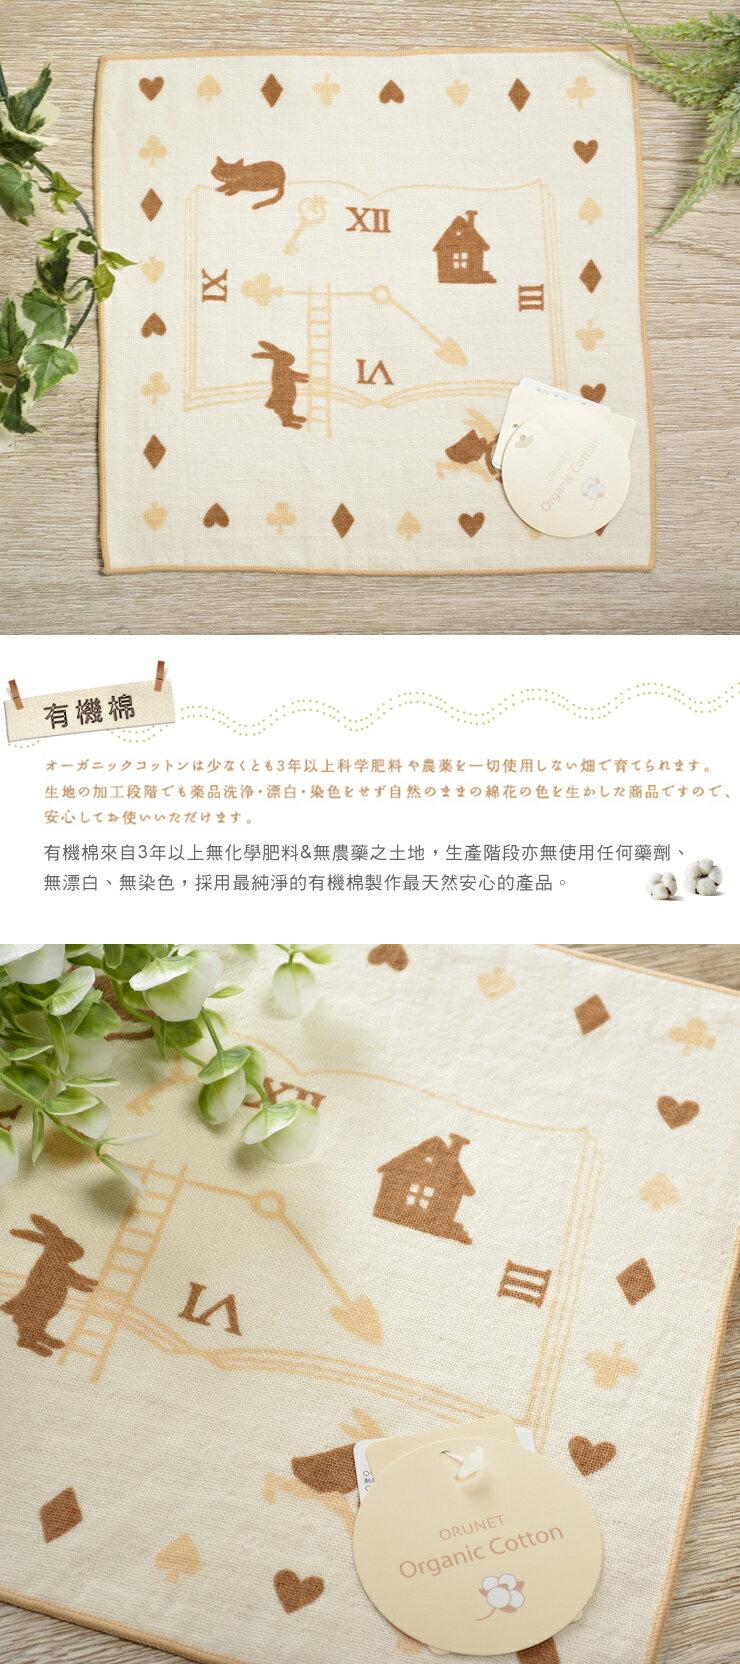 日本今治 - ORUNET - 時鐘印花手帕(棕)《日本設計製造》《全館免運費》,有機棉,有機棉來自3年以上無化學肥料&無農藥之土地,生產階段亦無使用任何藥劑、無漂白、無染色,採用最純淨的有機棉製作最天然安心的產品。